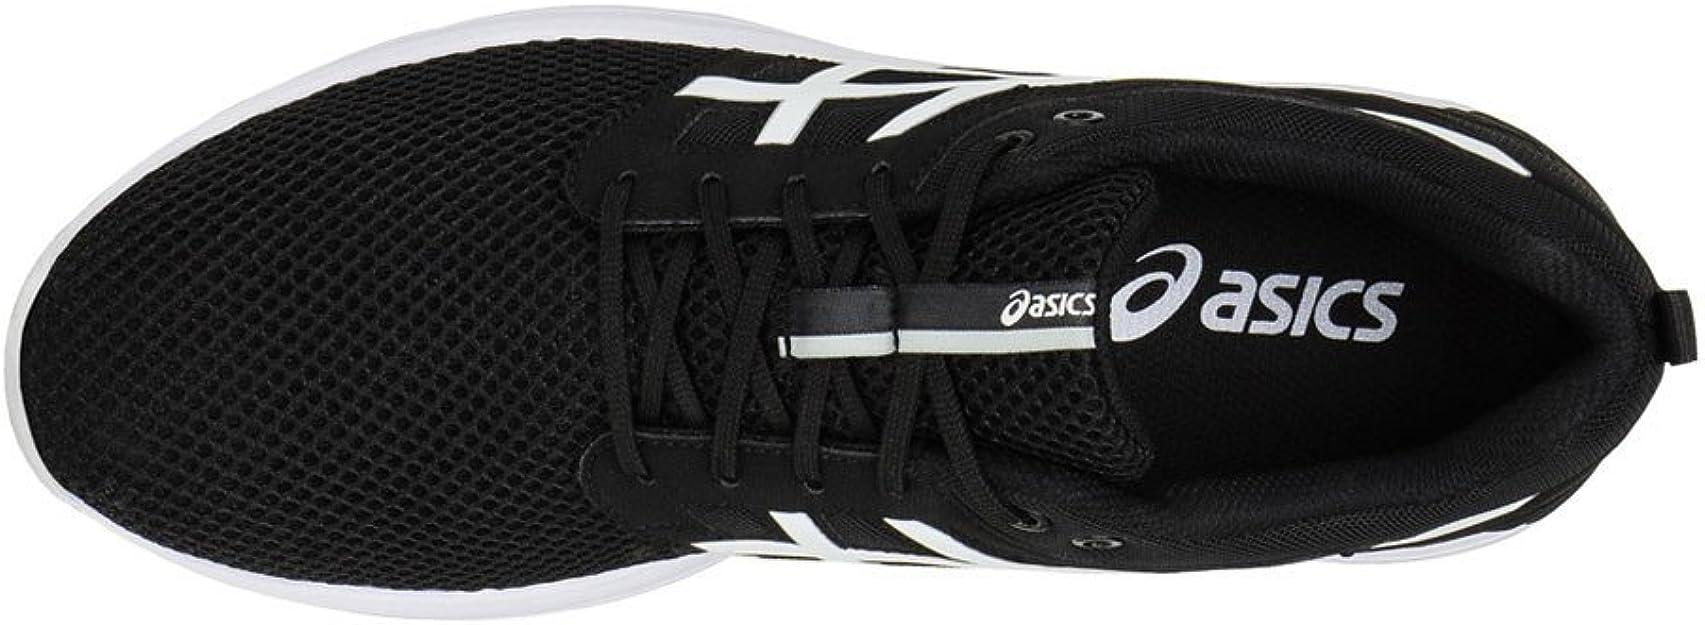 Asics Buty Gel-Torrance T745N-9001, Zapatillas Unisex Adulto, Mehrfarbig (Indigo 001), 41.5 EU: Amazon.es: Zapatos y complementos